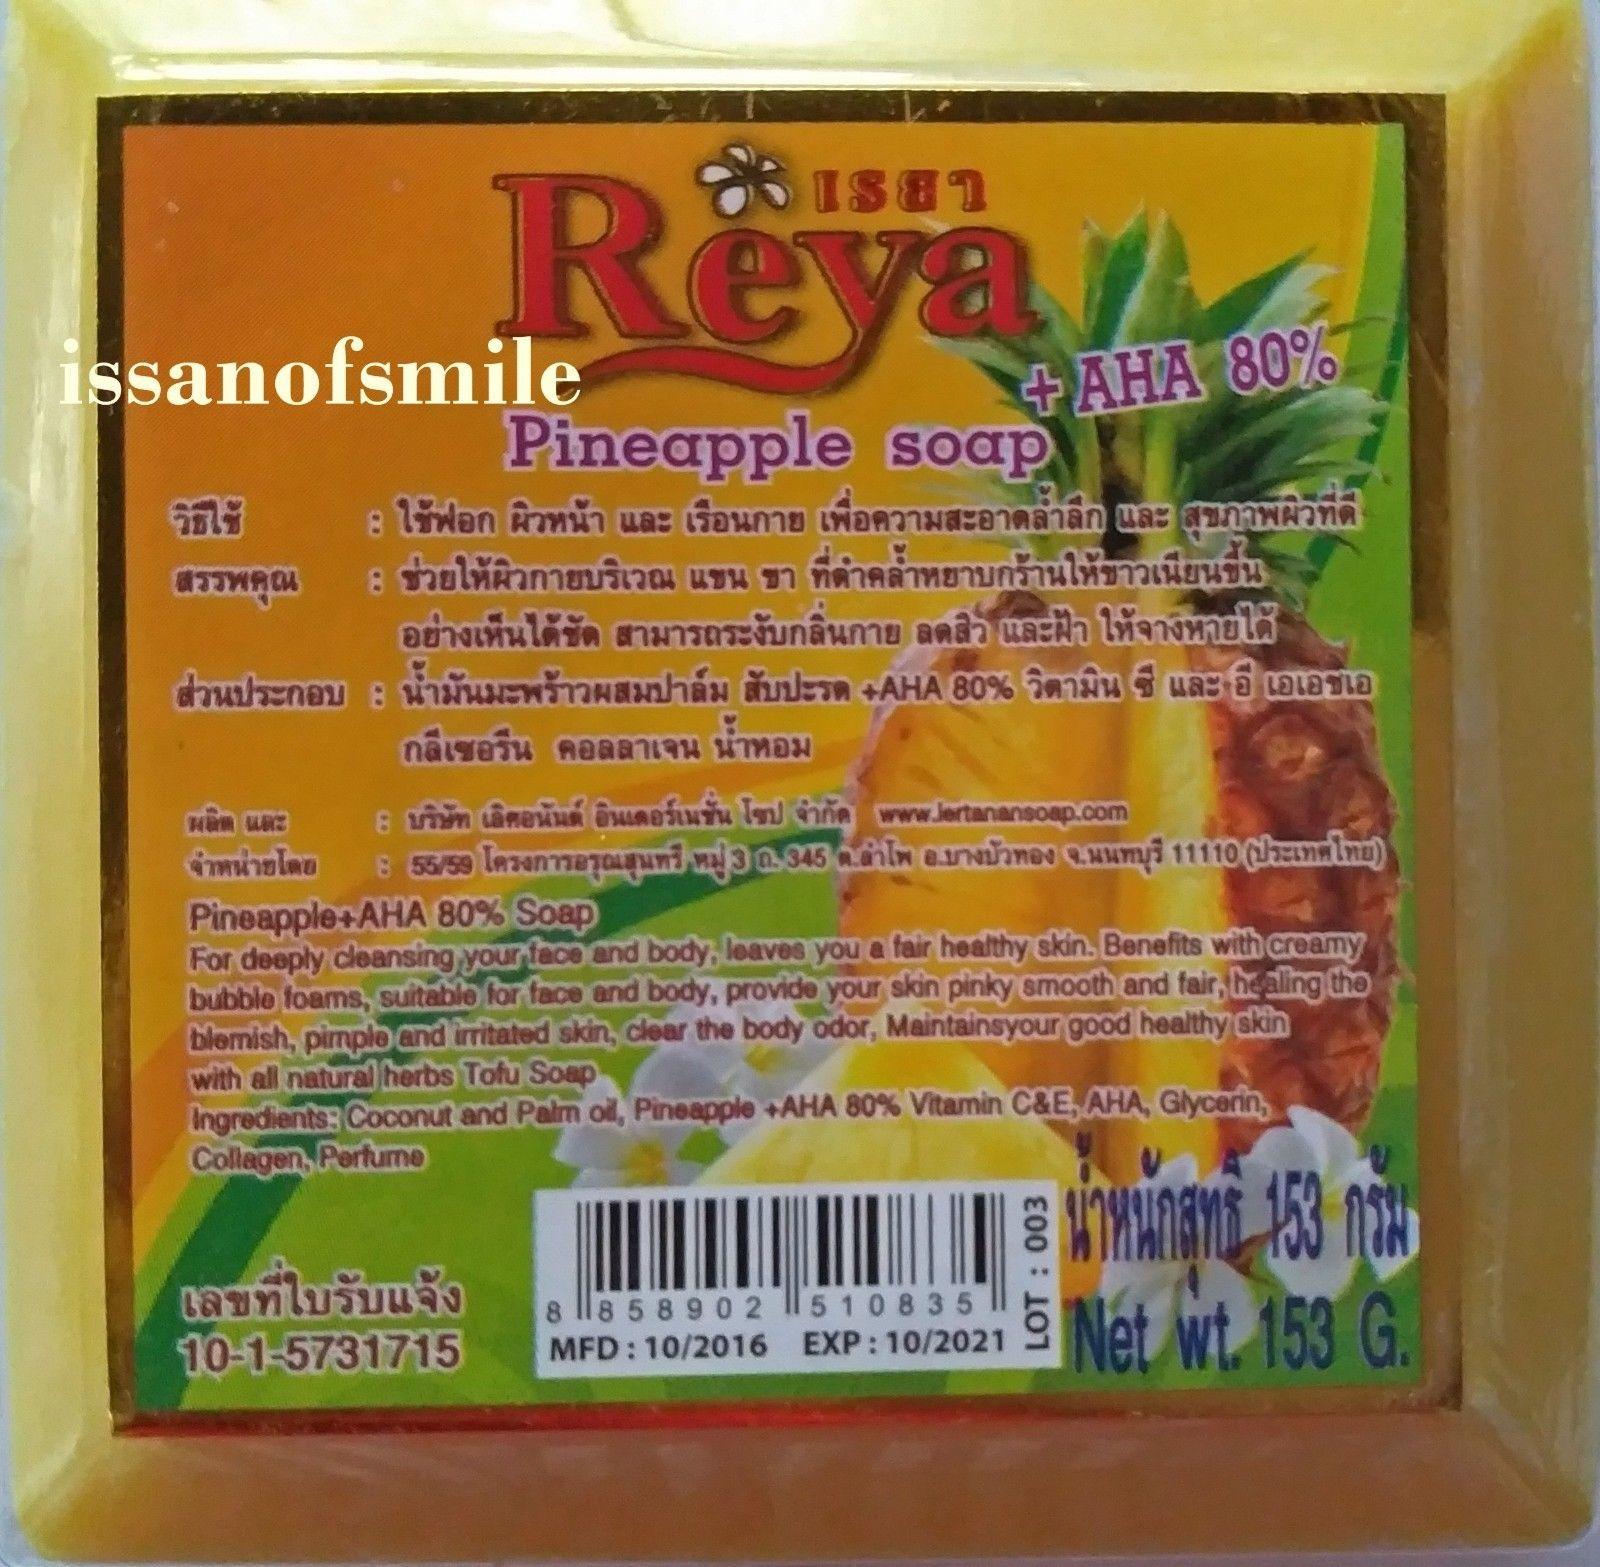 ุ4 Bars Reya Pineapple Soap + AHA 80% Whitening Skin Anti-itch & Antiseptic